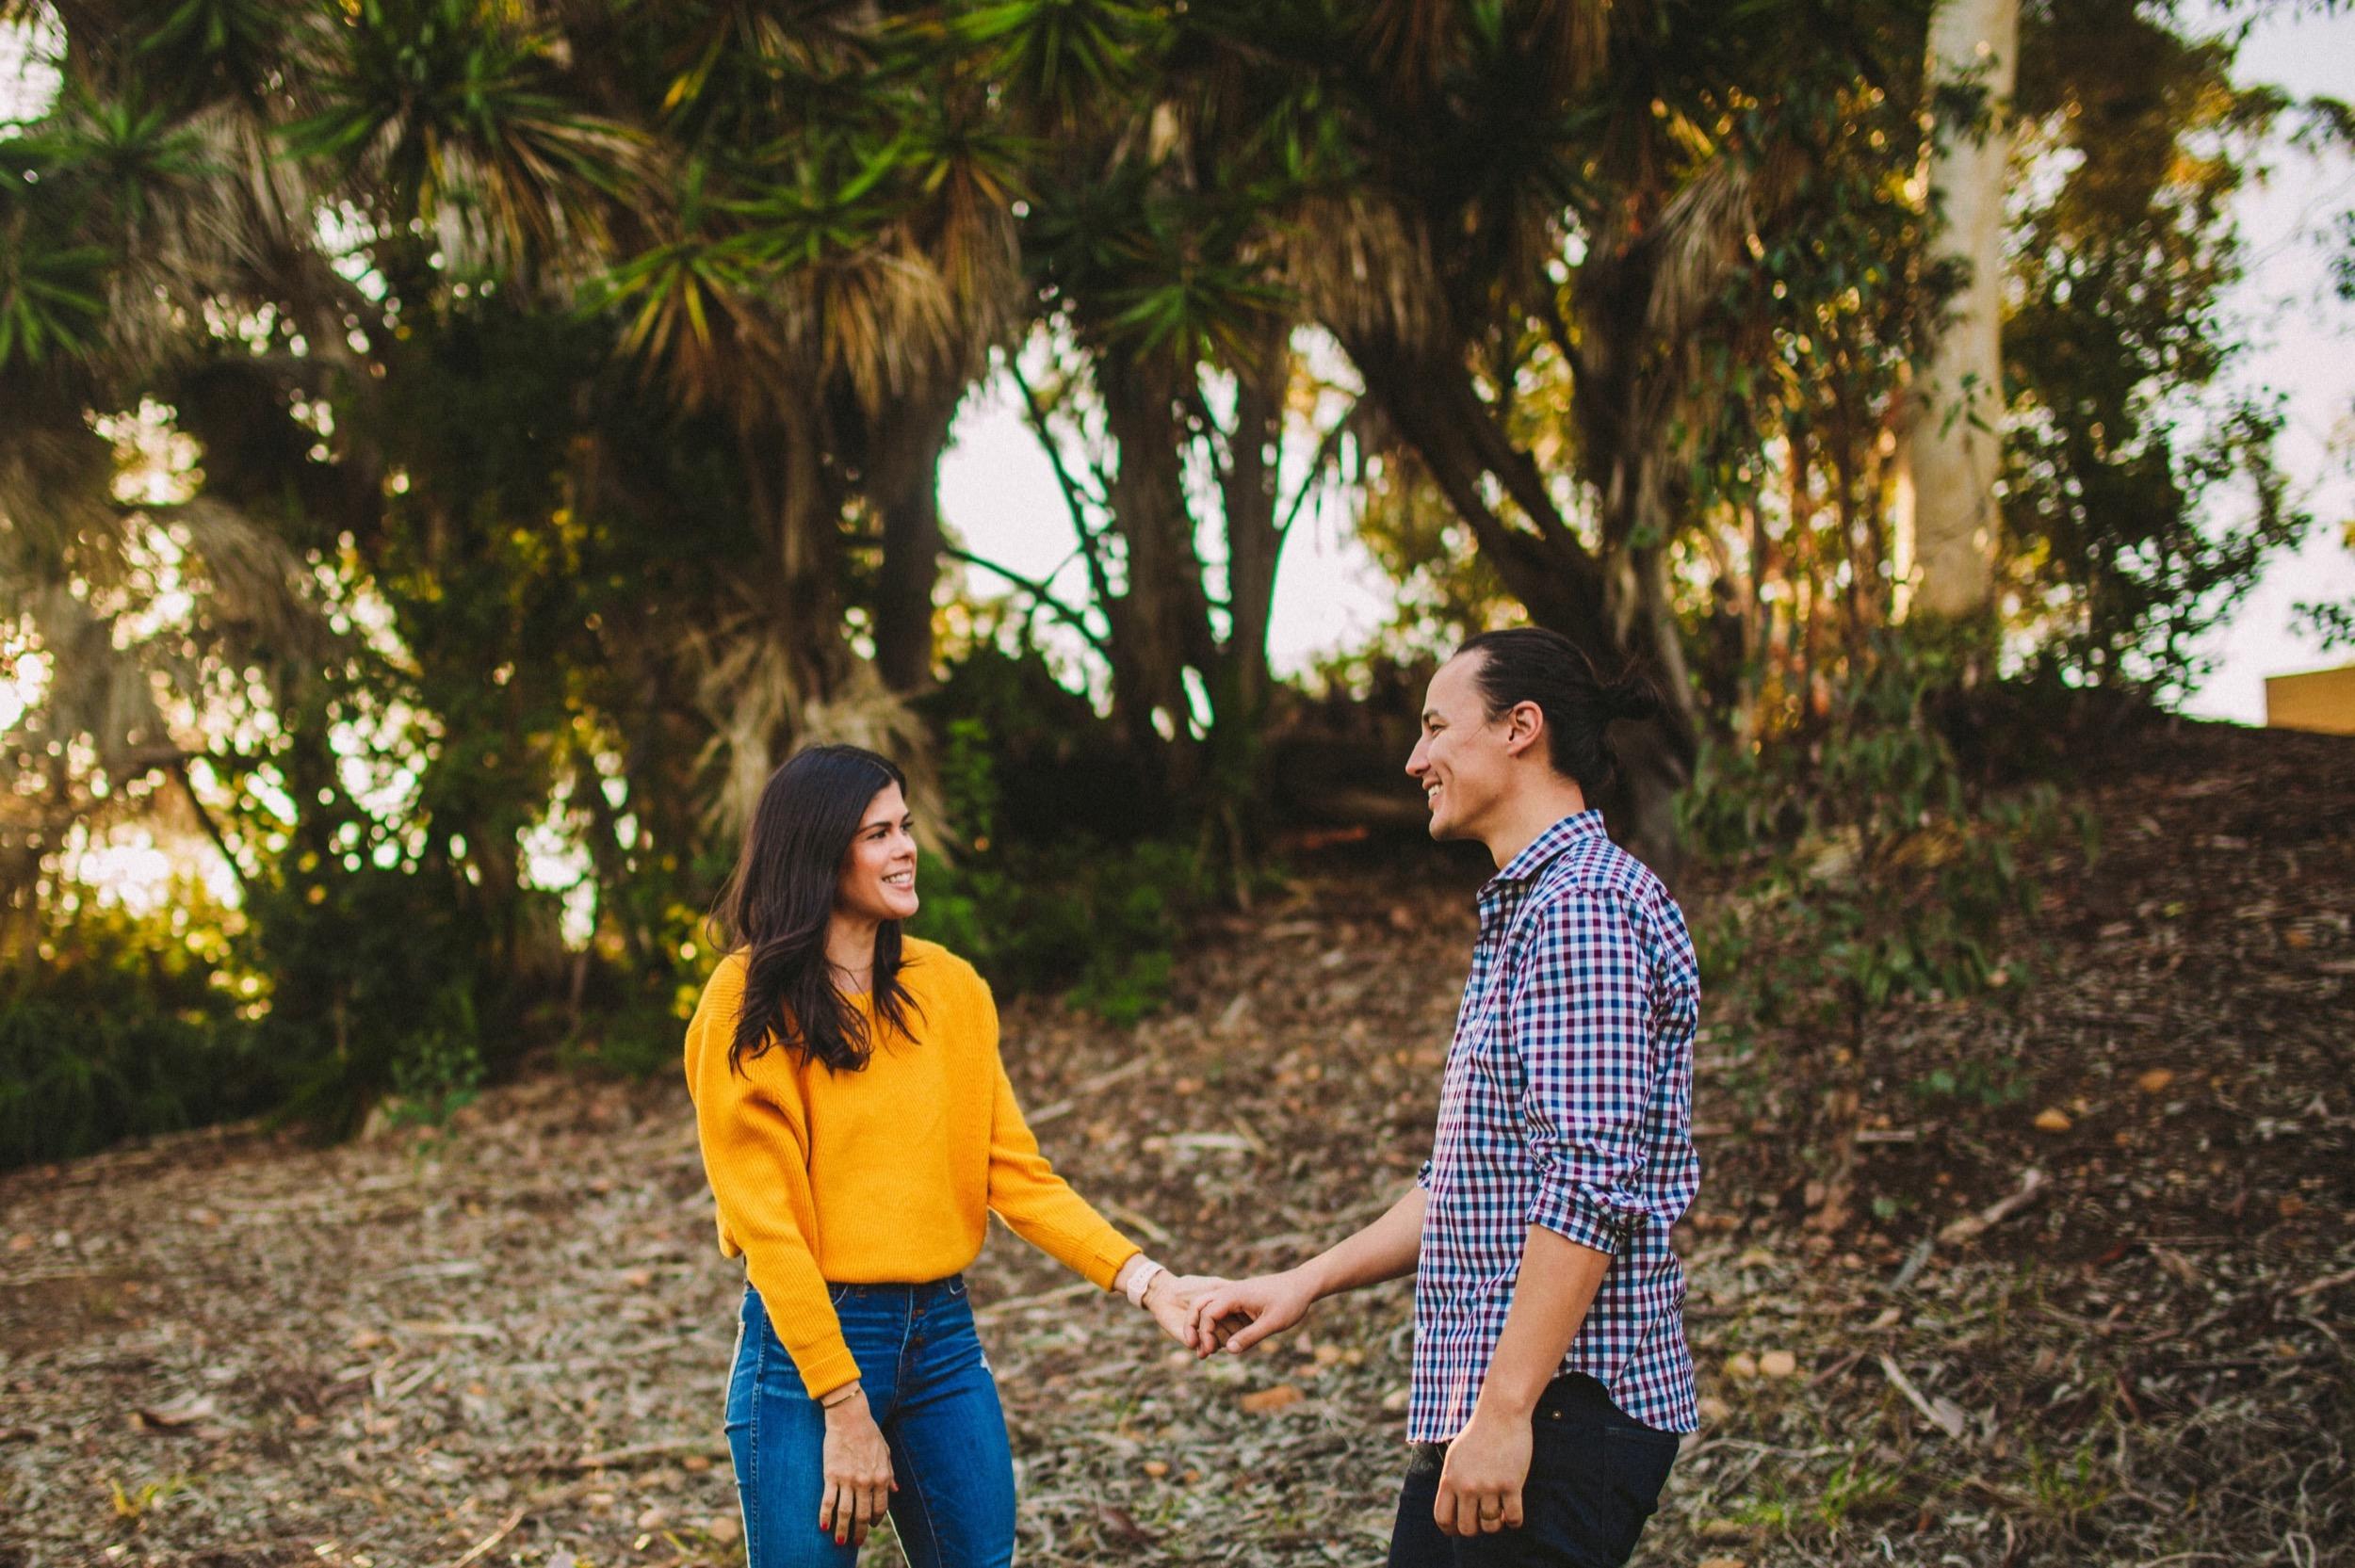 San Diego Photographer Presidio Park Couples Photography-13.jpg